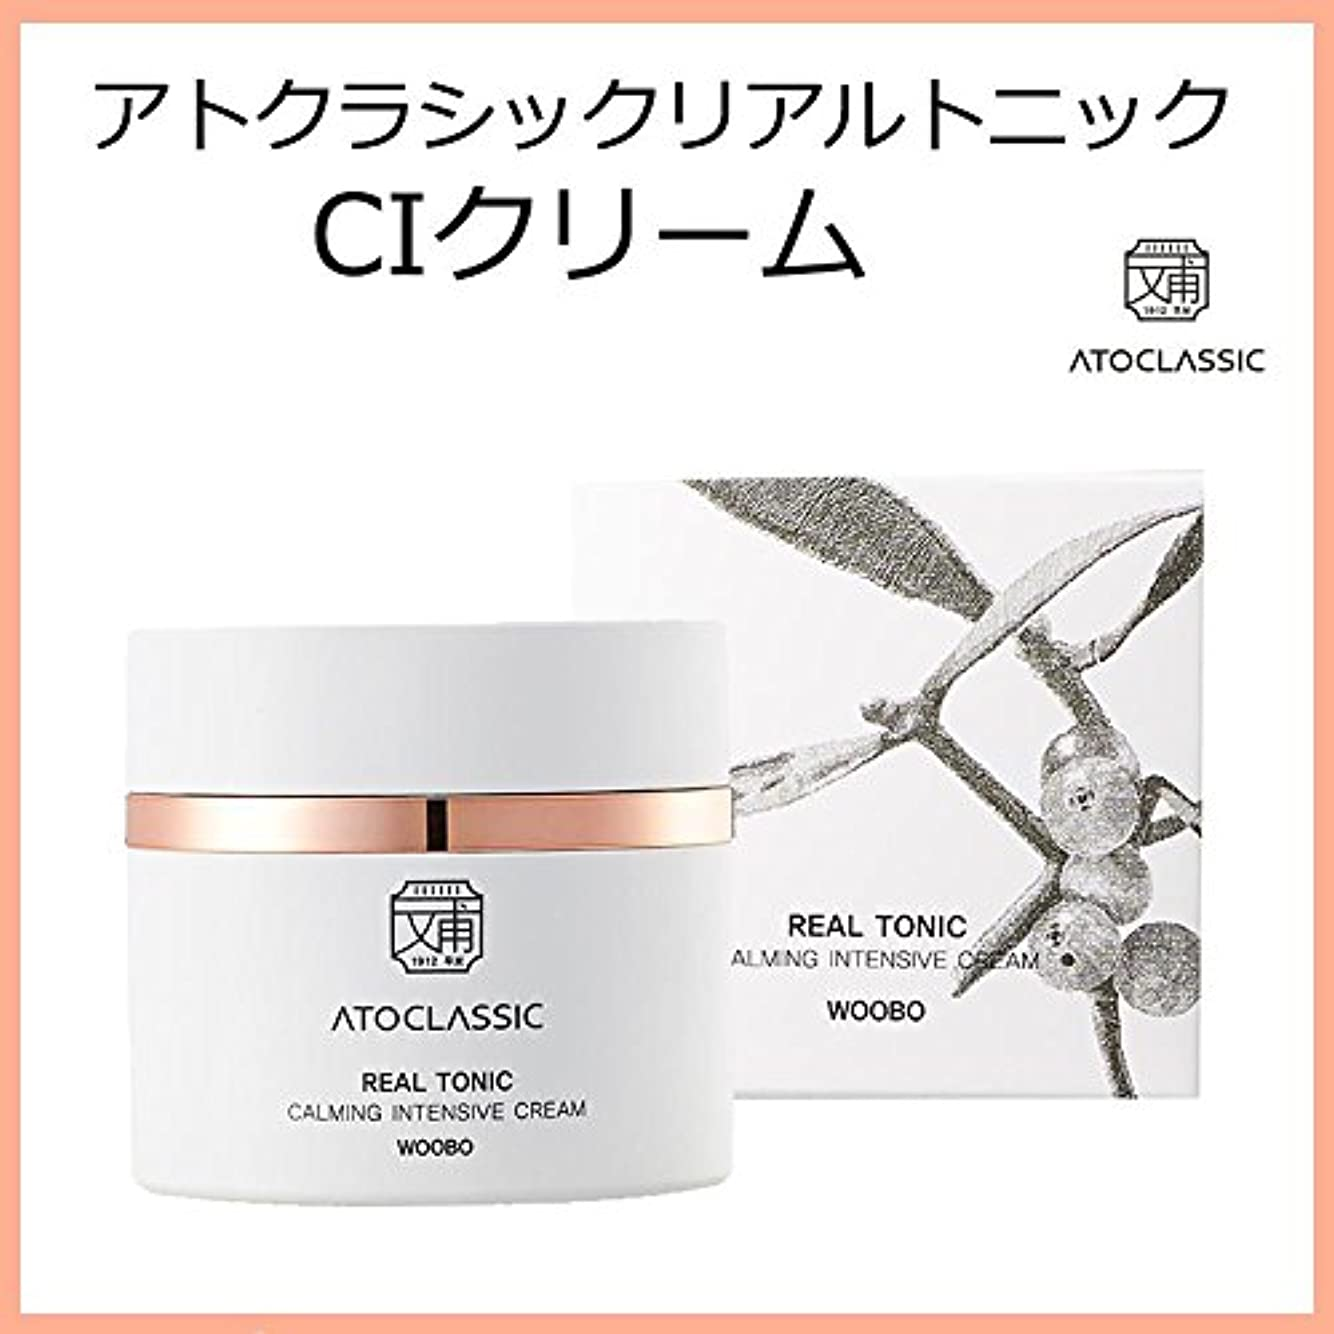 彼らはごみ特性韓国コスメ ATOCLASSIC アトクラシックリアルトニック CIクリーム(Calming Intensive Cream) 50ml